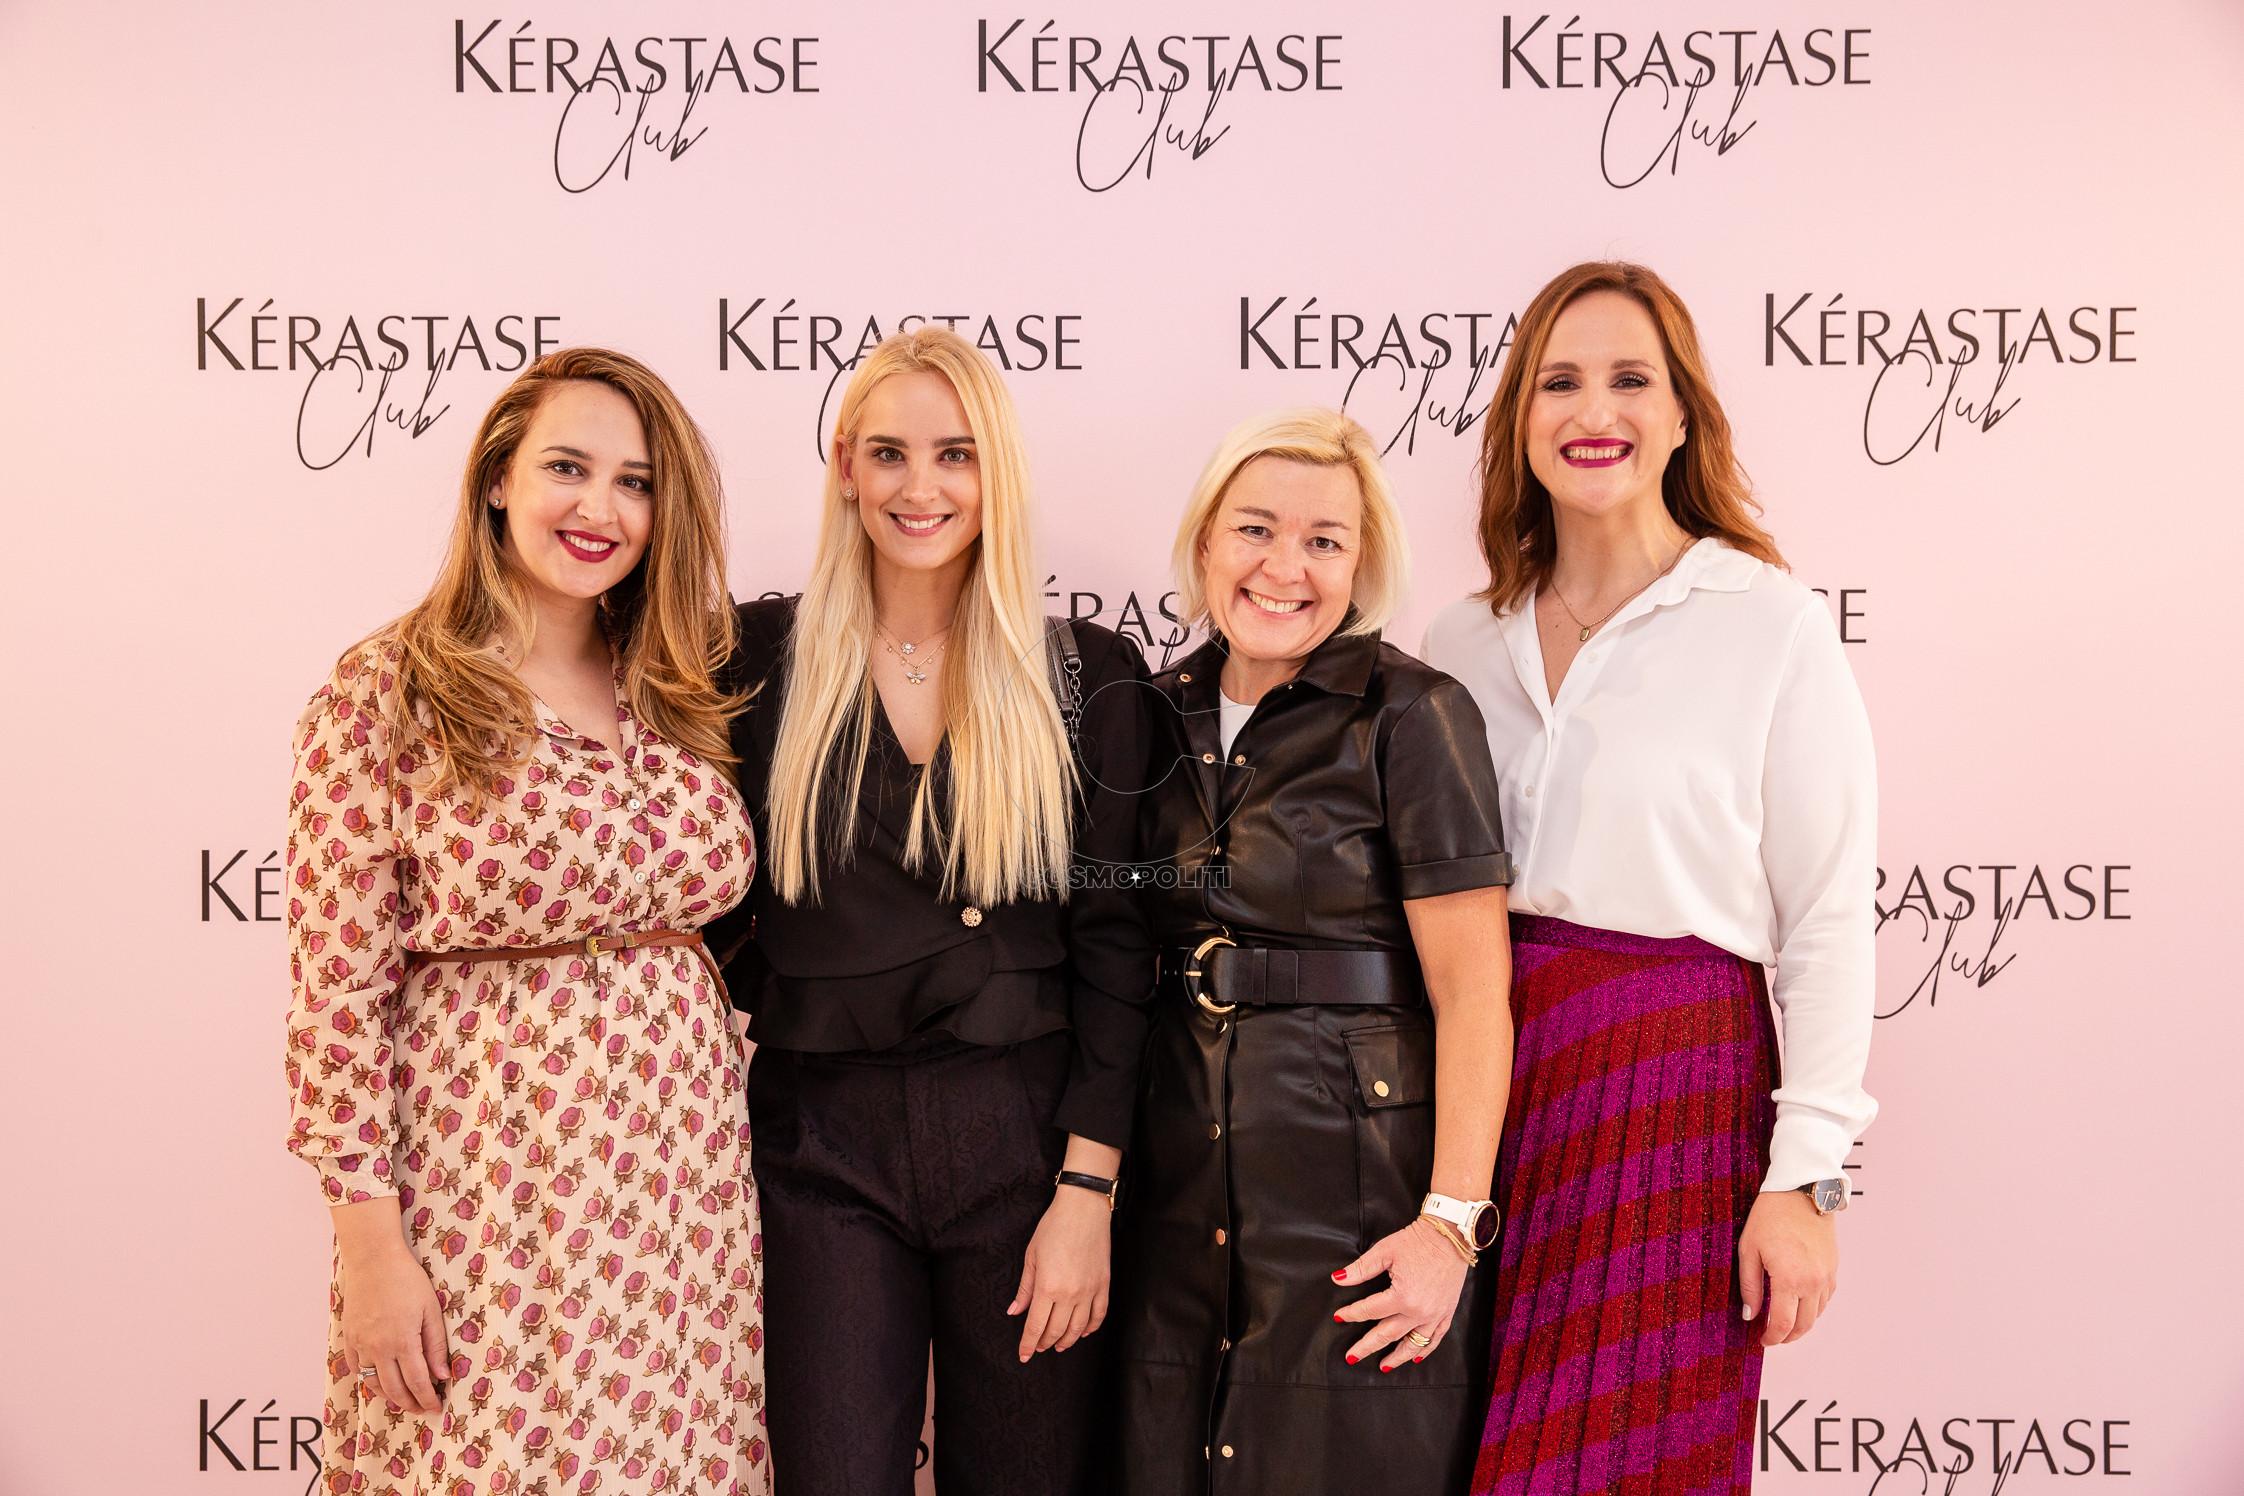 Κλέλια & Άννα Πανταζή, Μαρίνα-Λήδα Κουταρέλλη, Άννα Χαμαλέλη, Brand Manager Kerastase